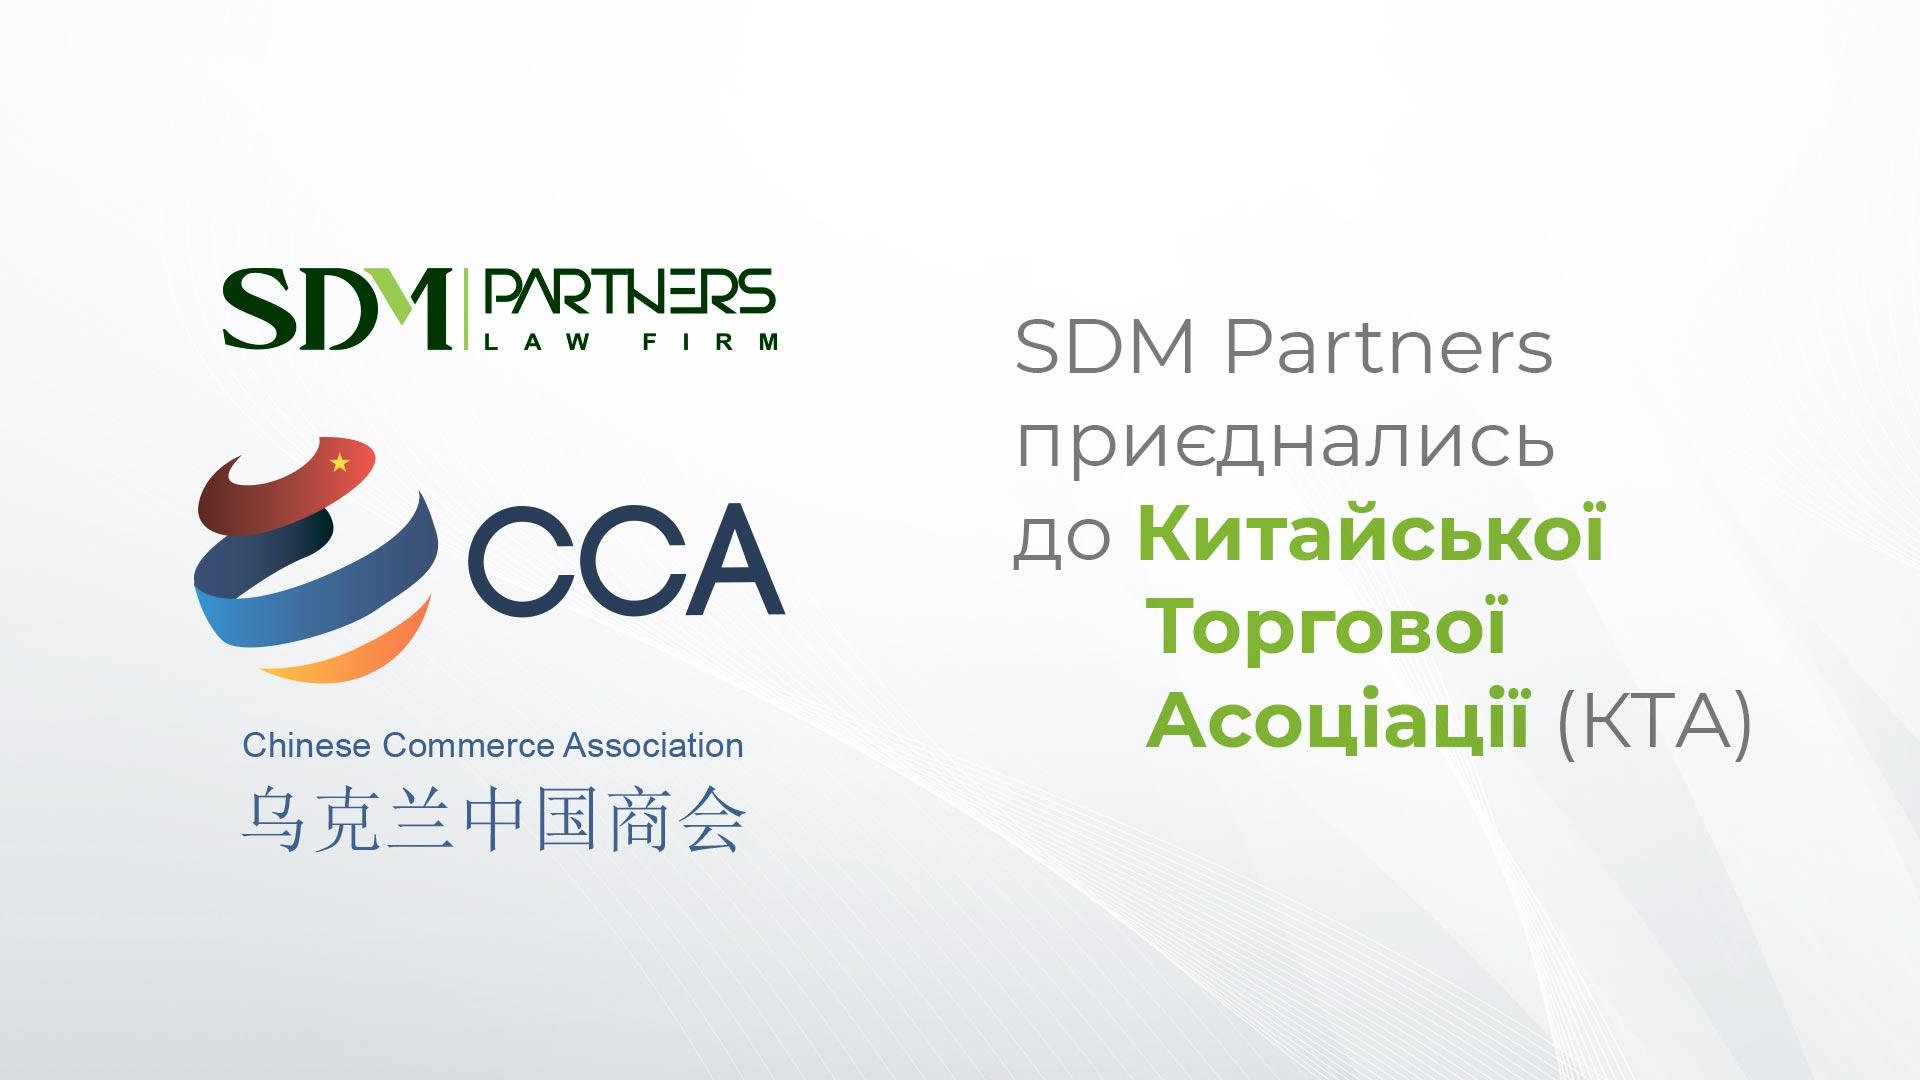 SDM Partners приєдналась до Китайської Торгової Асоціації